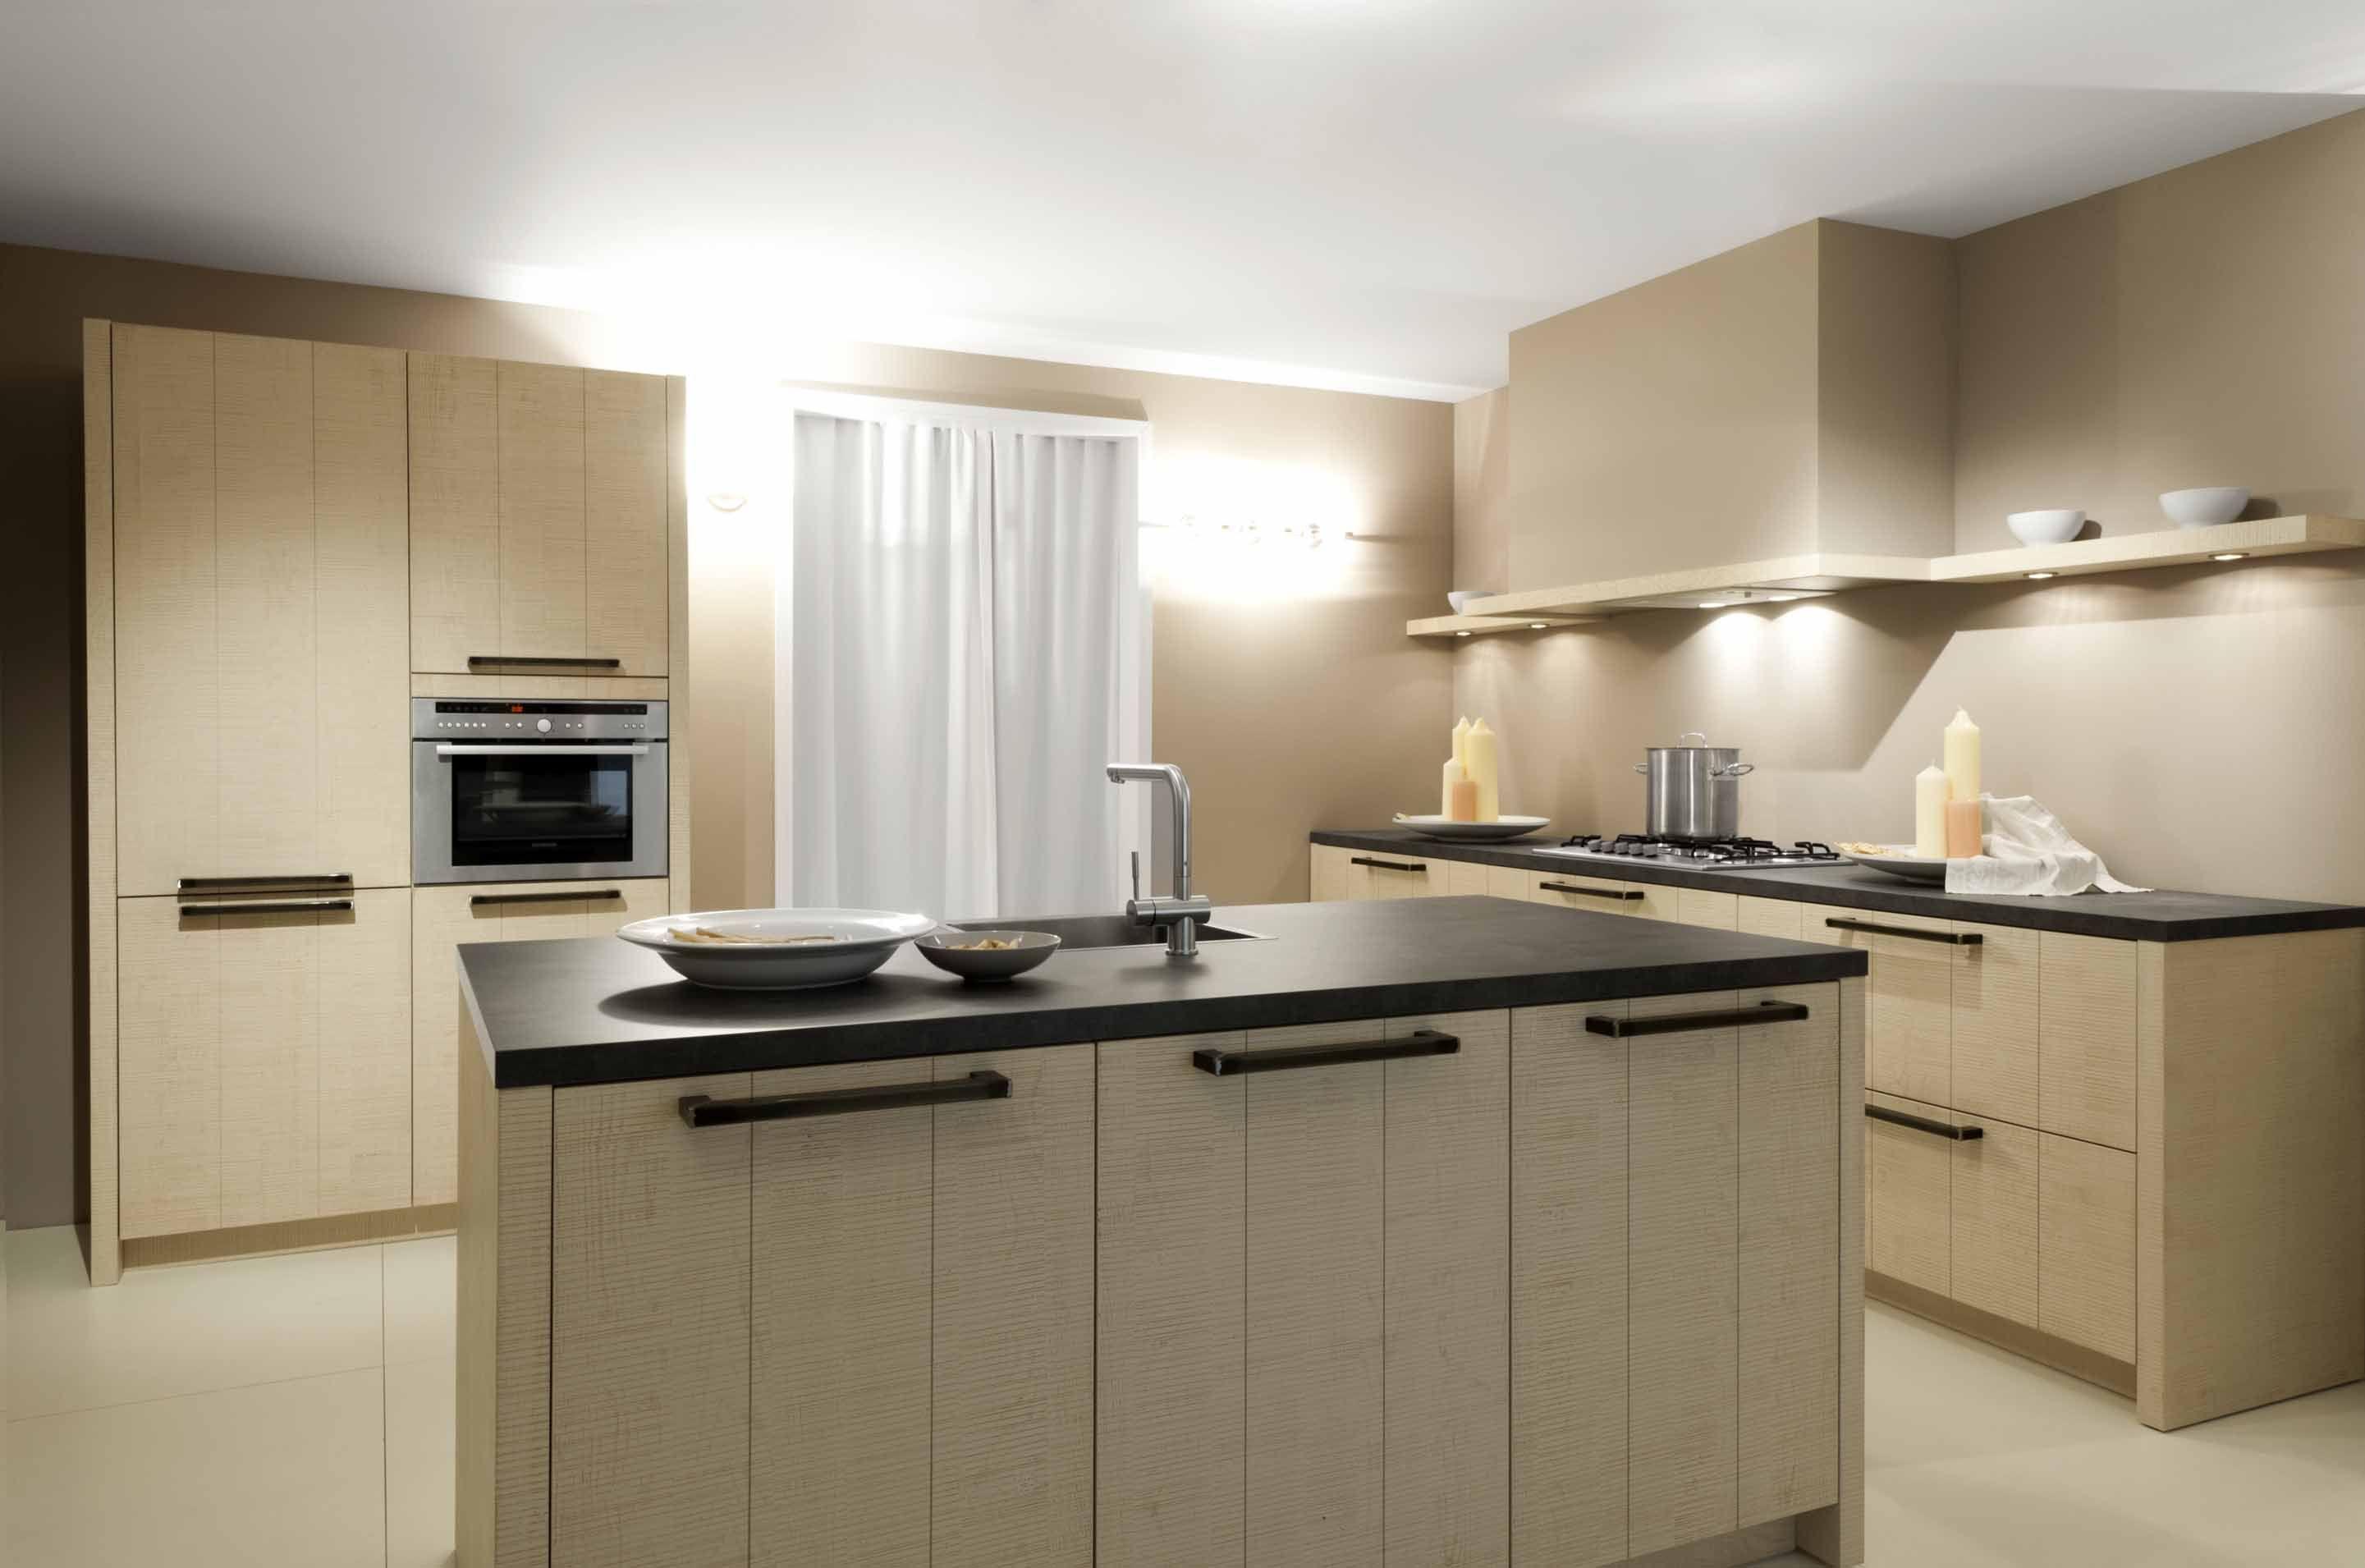 Keuken Met Eiland Afmetingen : keukens voor zeer lage keuken prijzen Massief houtfineer